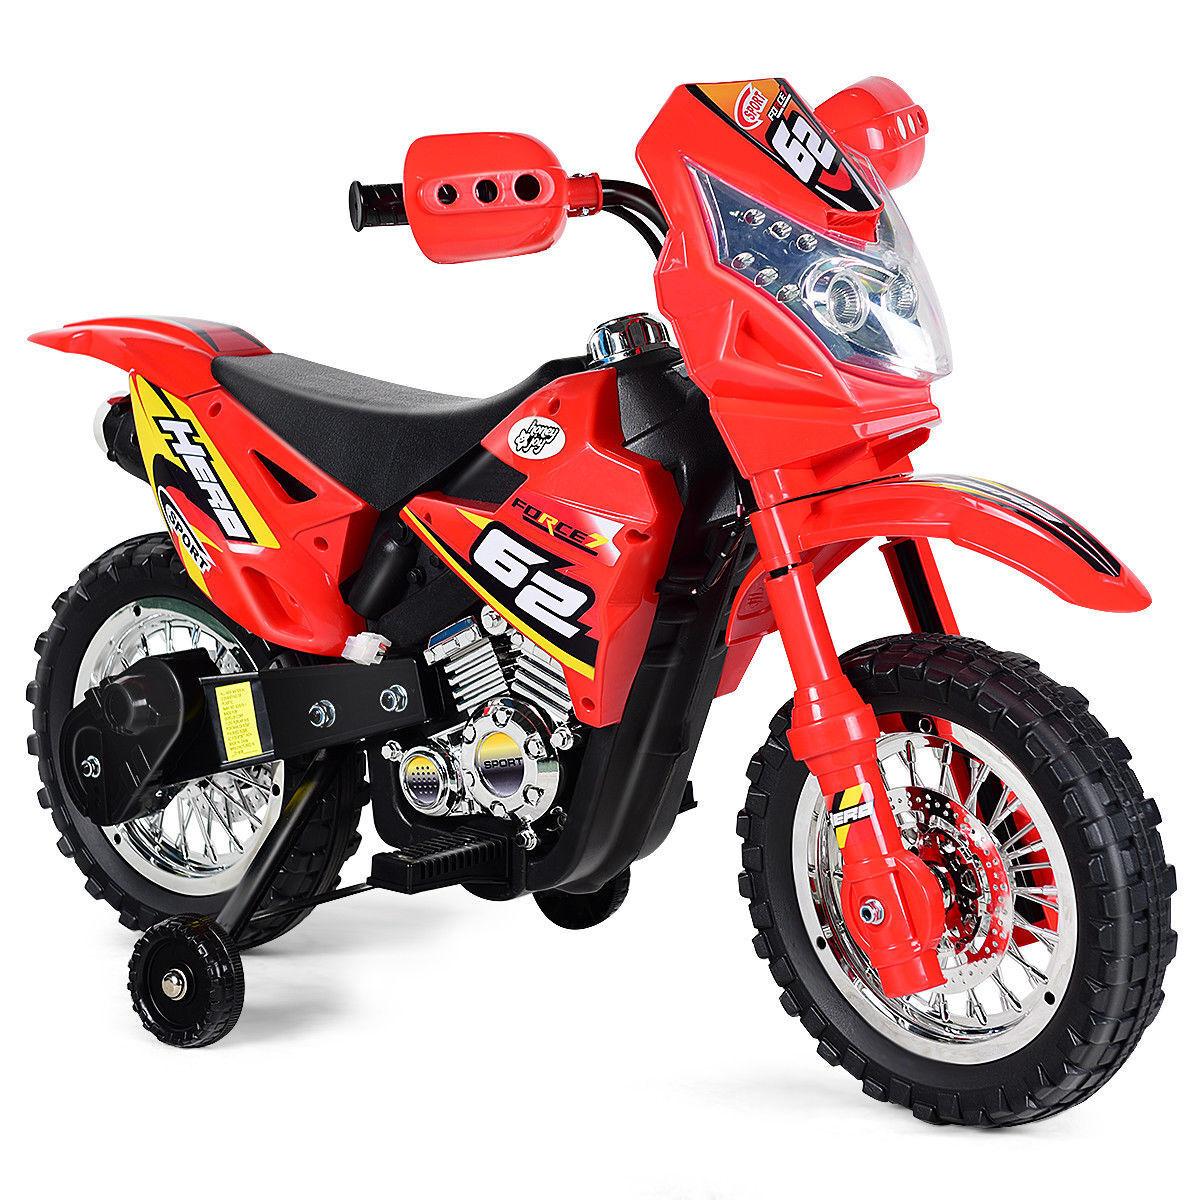 Kinder reiten auf motorrad 6v batteriebetriebene elektrische spielzeug neue rad mit weiterbildung